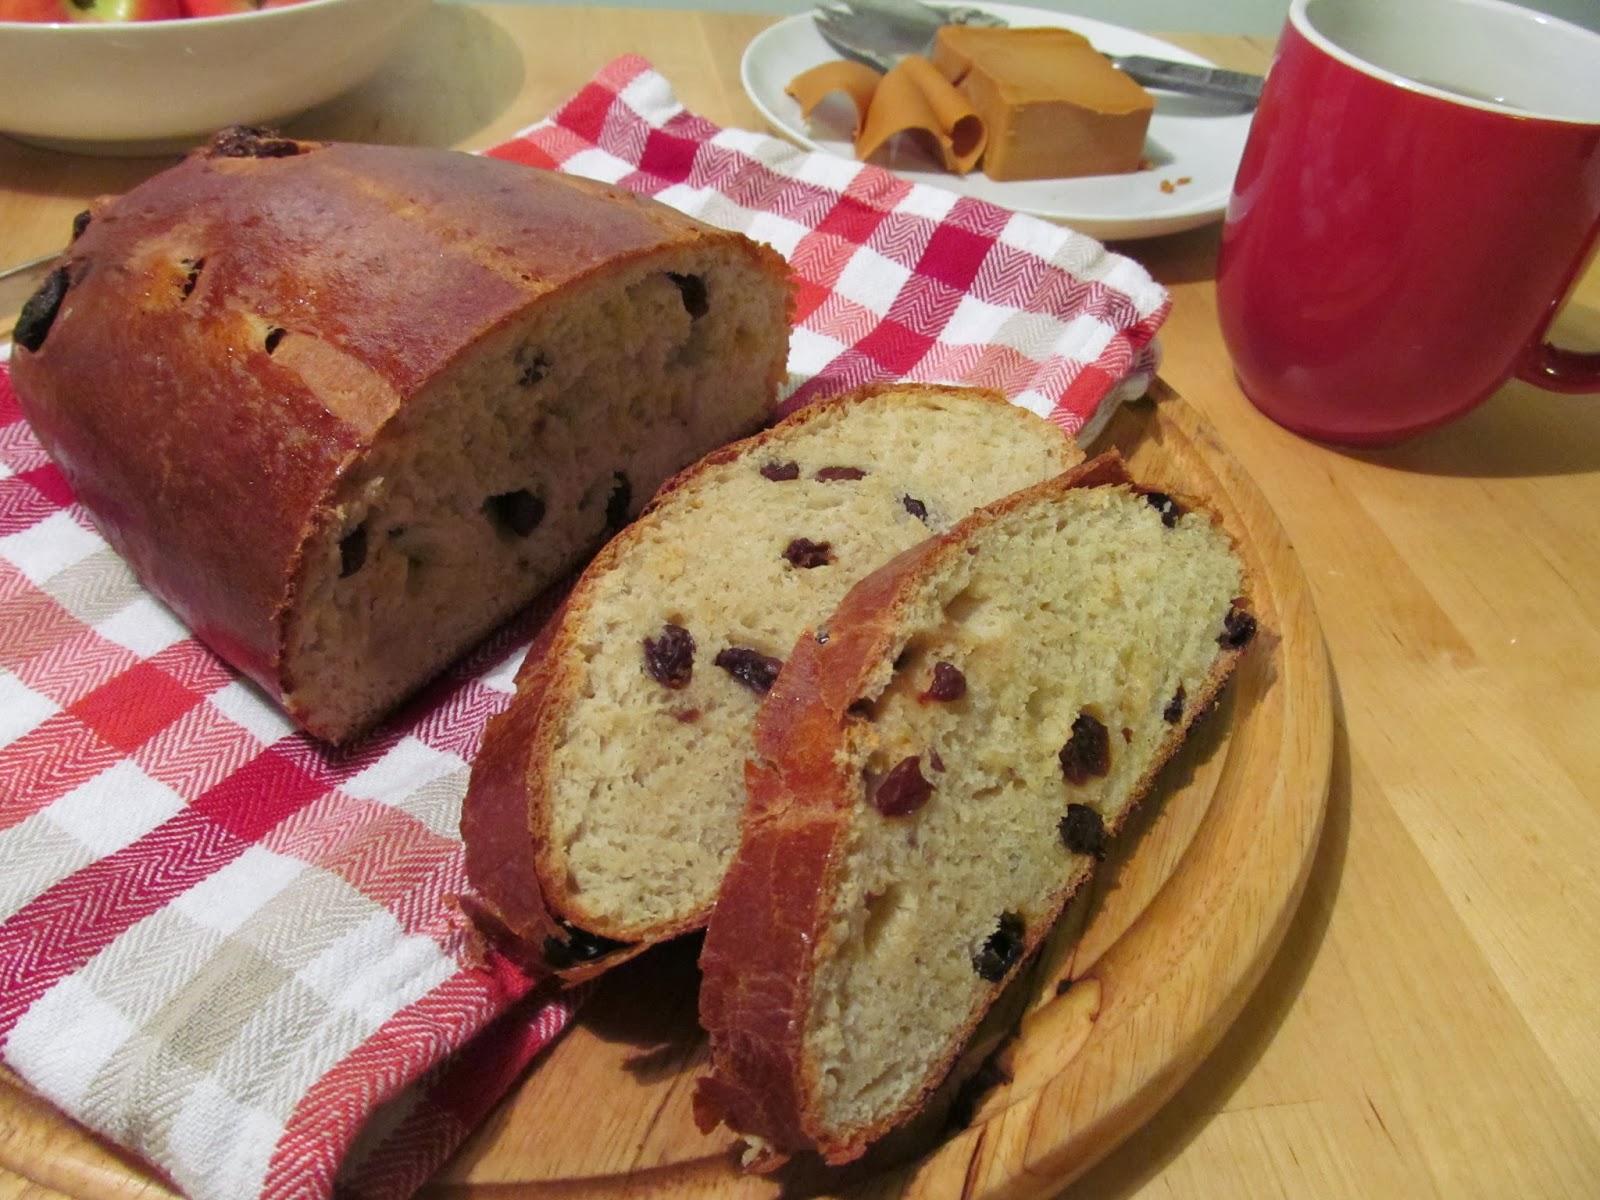 For the love of dinner: Norwegian Christmas bread (Julebrød)